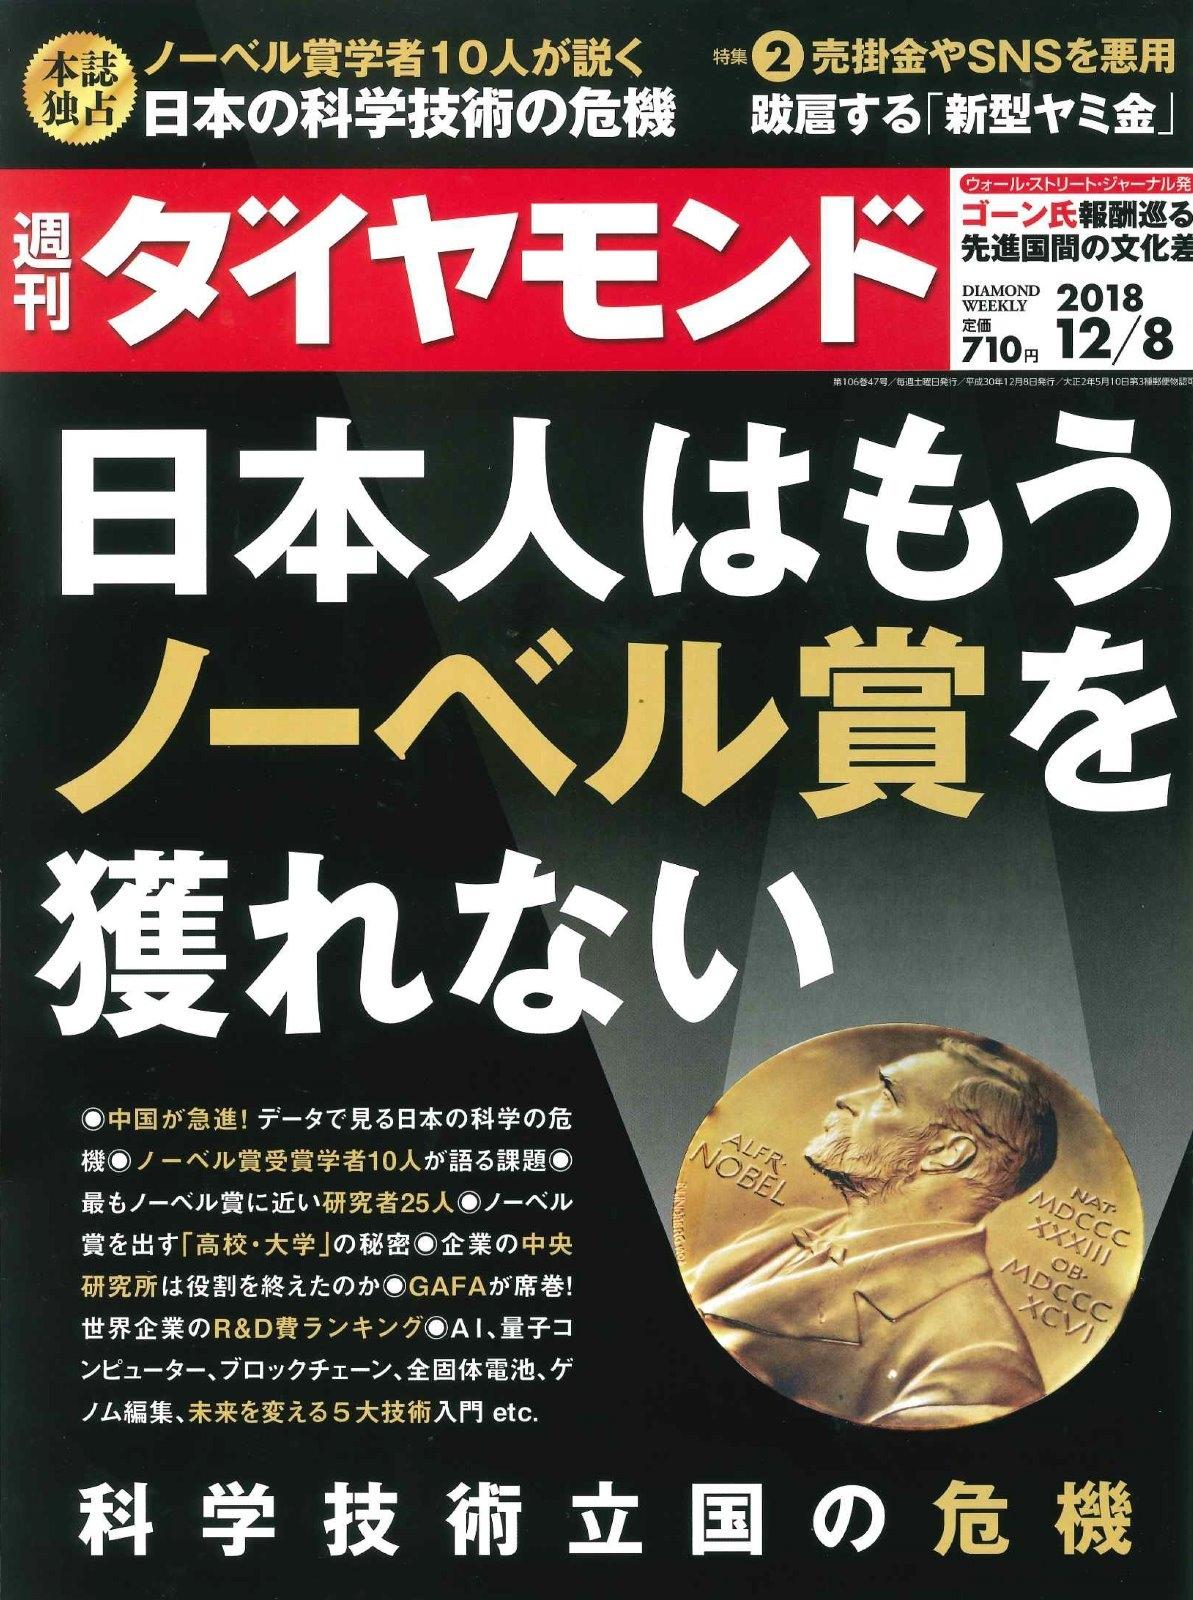 12月3日発売「週刊ダイヤモンド」掲載情報